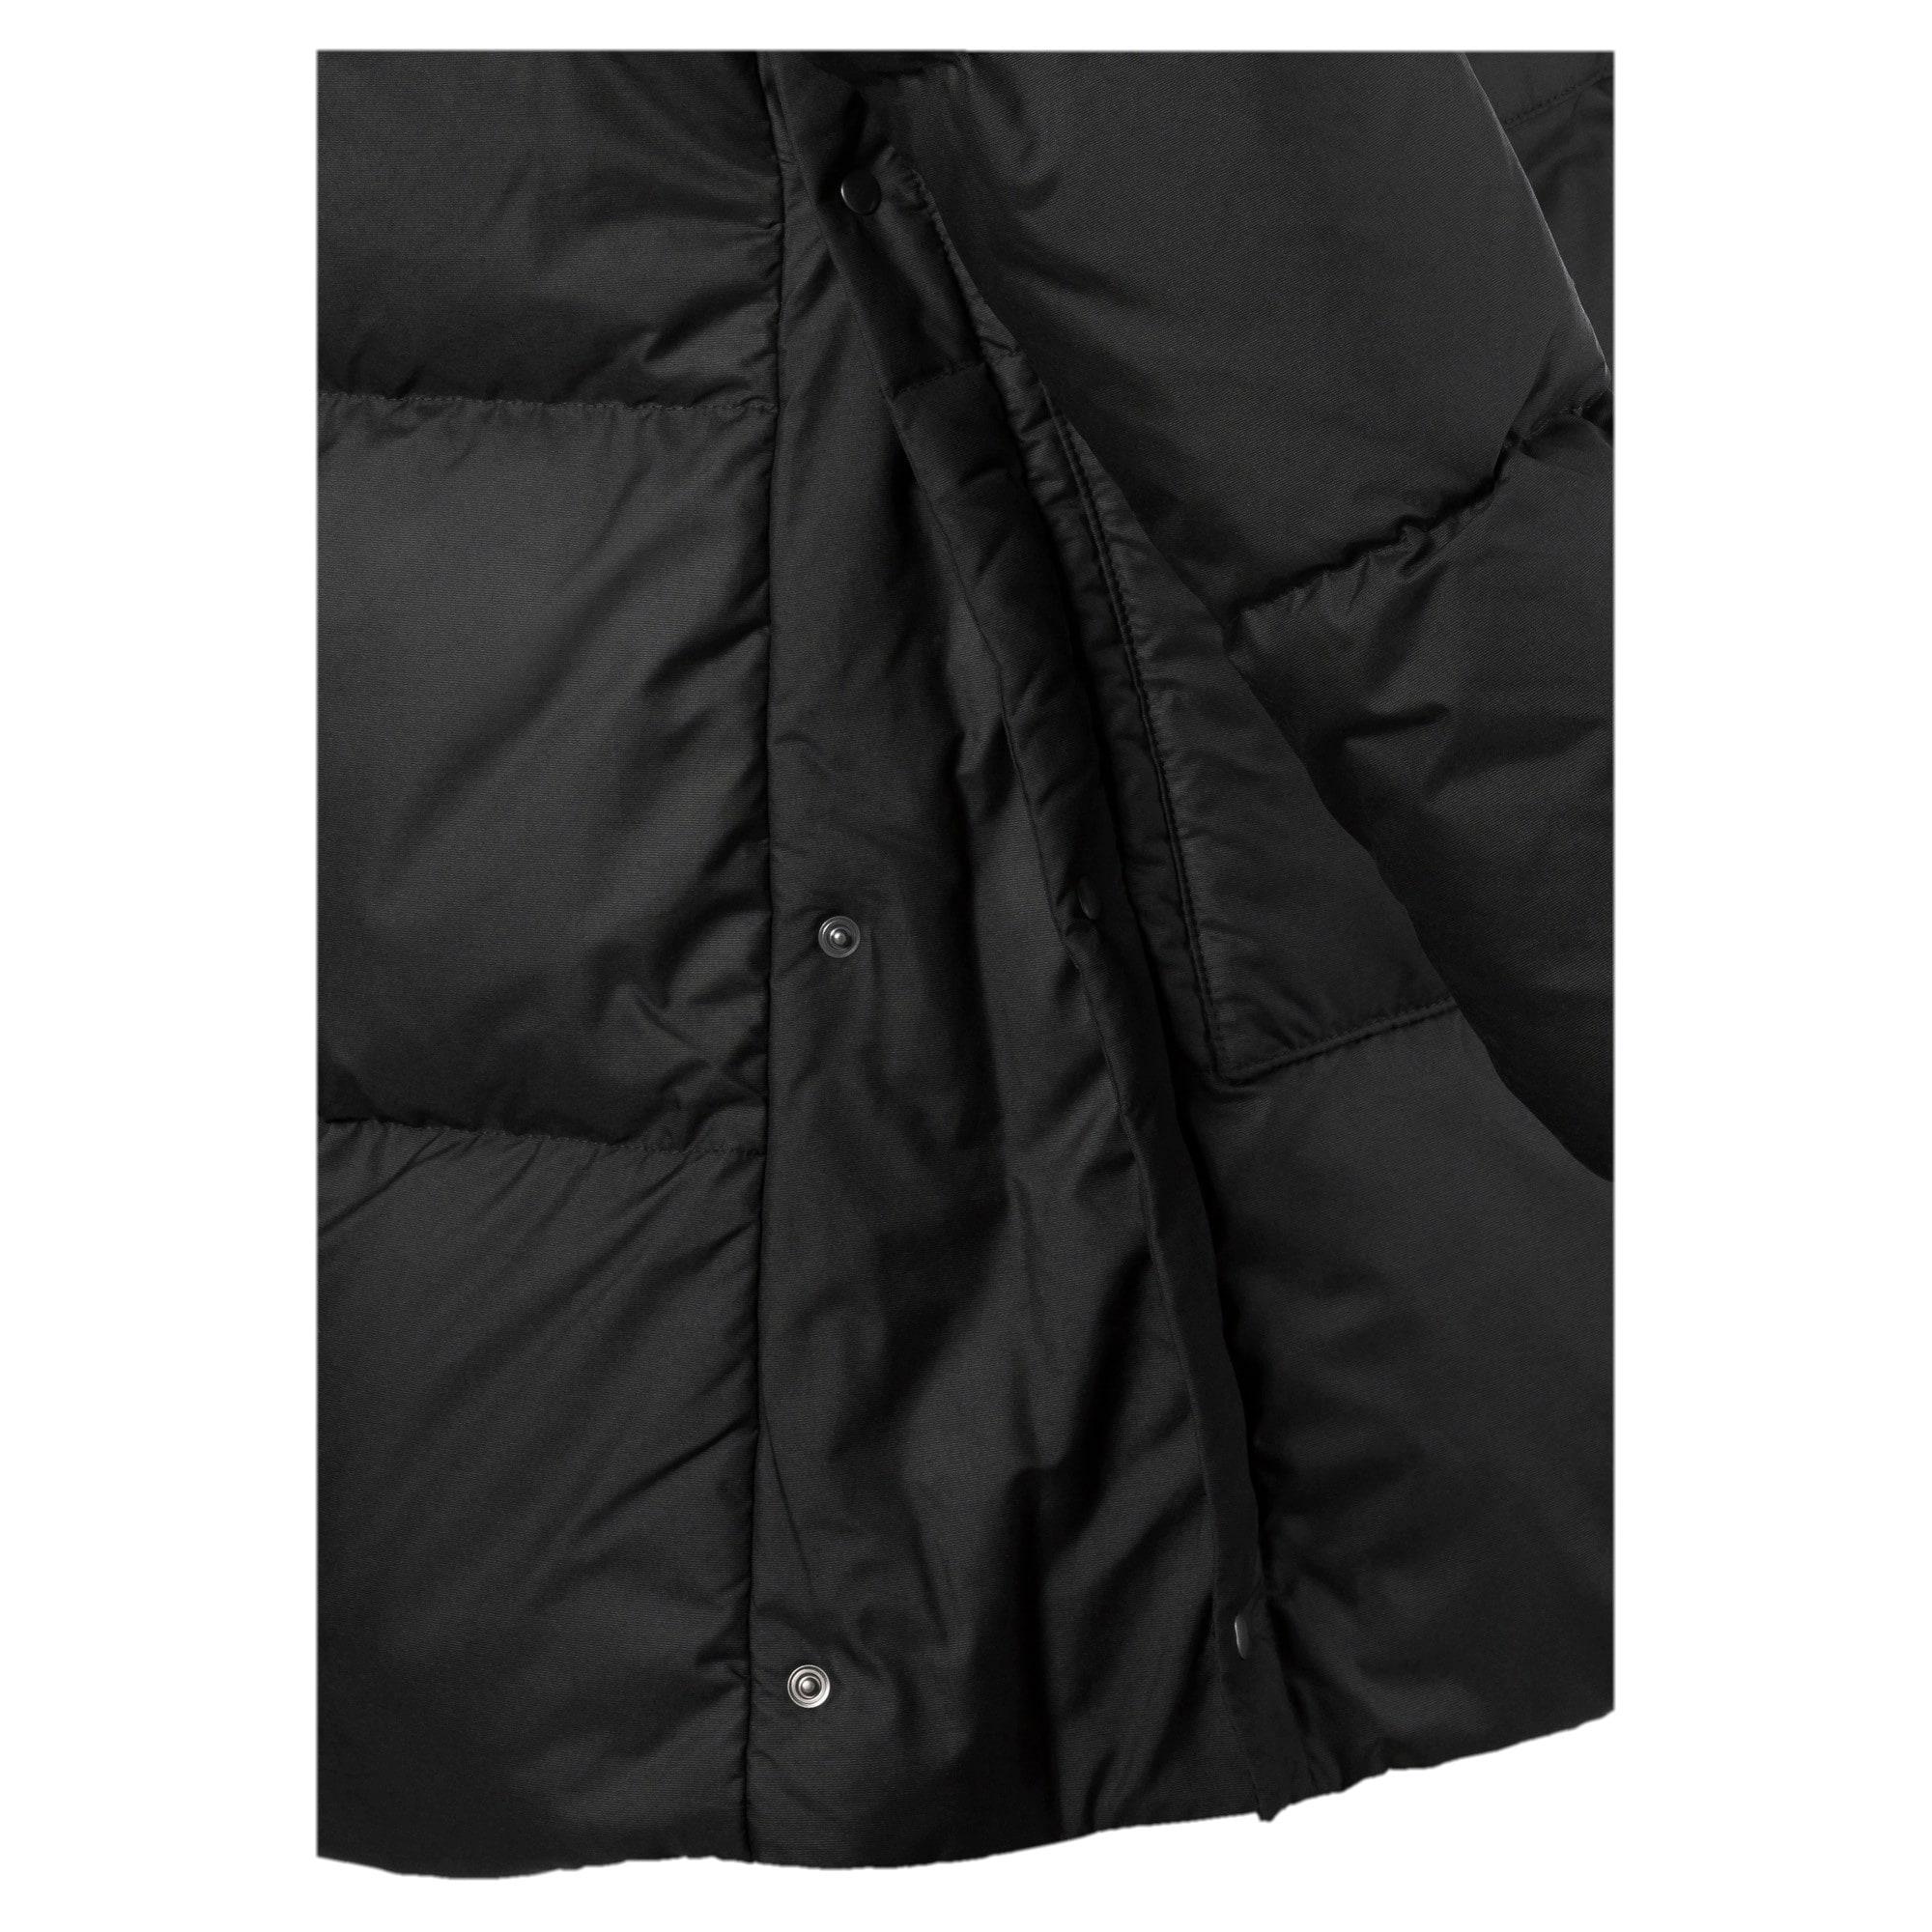 Thumbnail 6 of 450 Long Hooded Down Women's Coat, Puma Black, medium